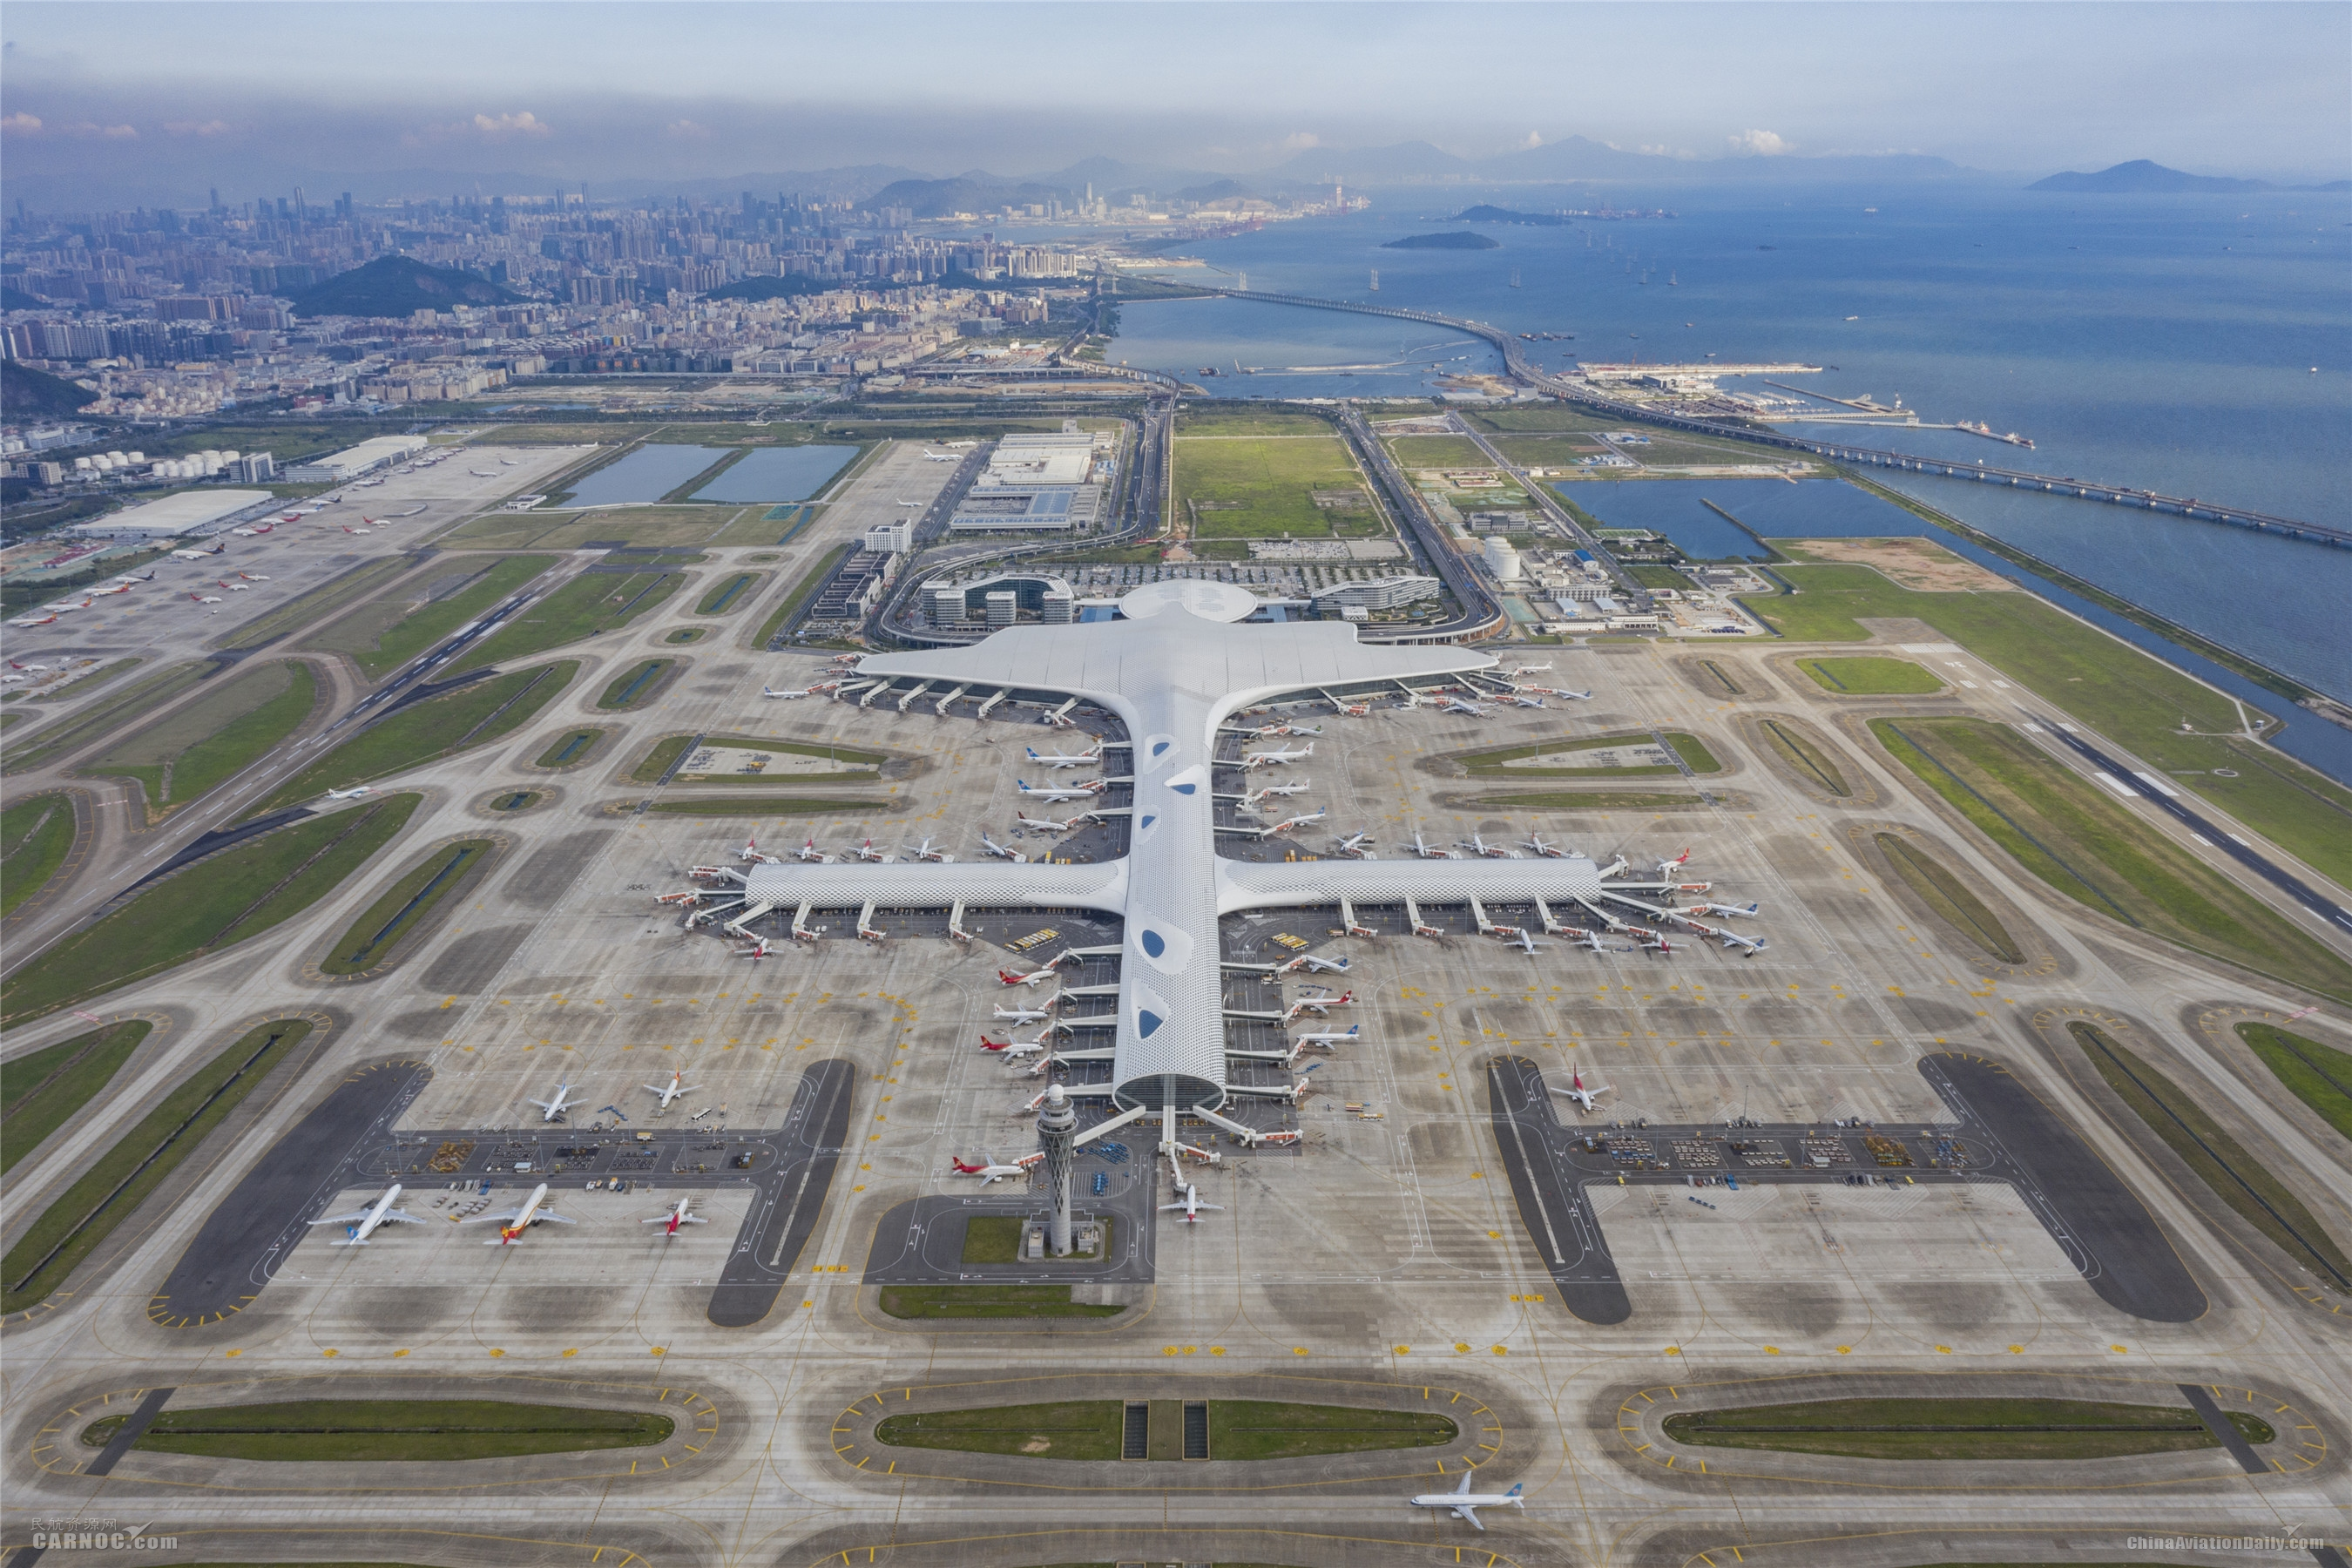 深圳机场高质量推进国际航空枢纽建设 上半年货运业务逆势正增长